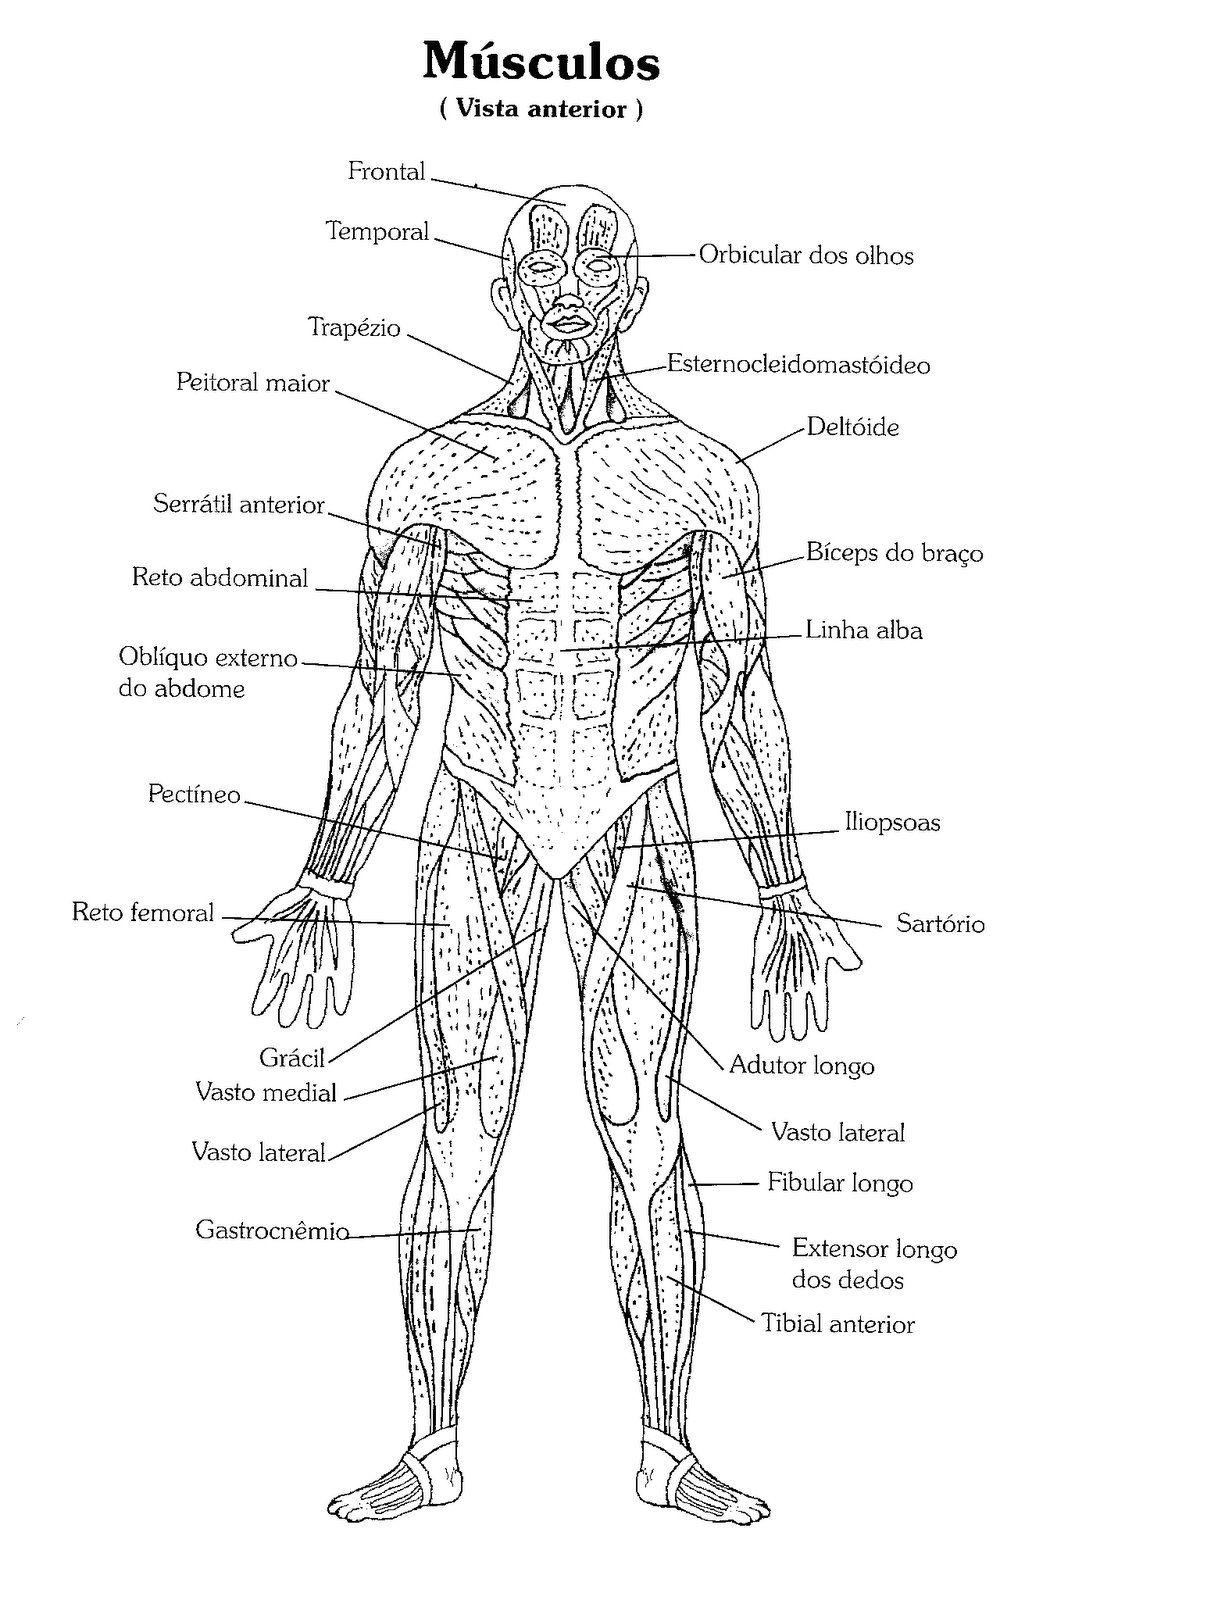 Resultado De Imagen Para Anatomia Musculos Para Colorear Anatomia Musculos Anatomia Anatomia Humana